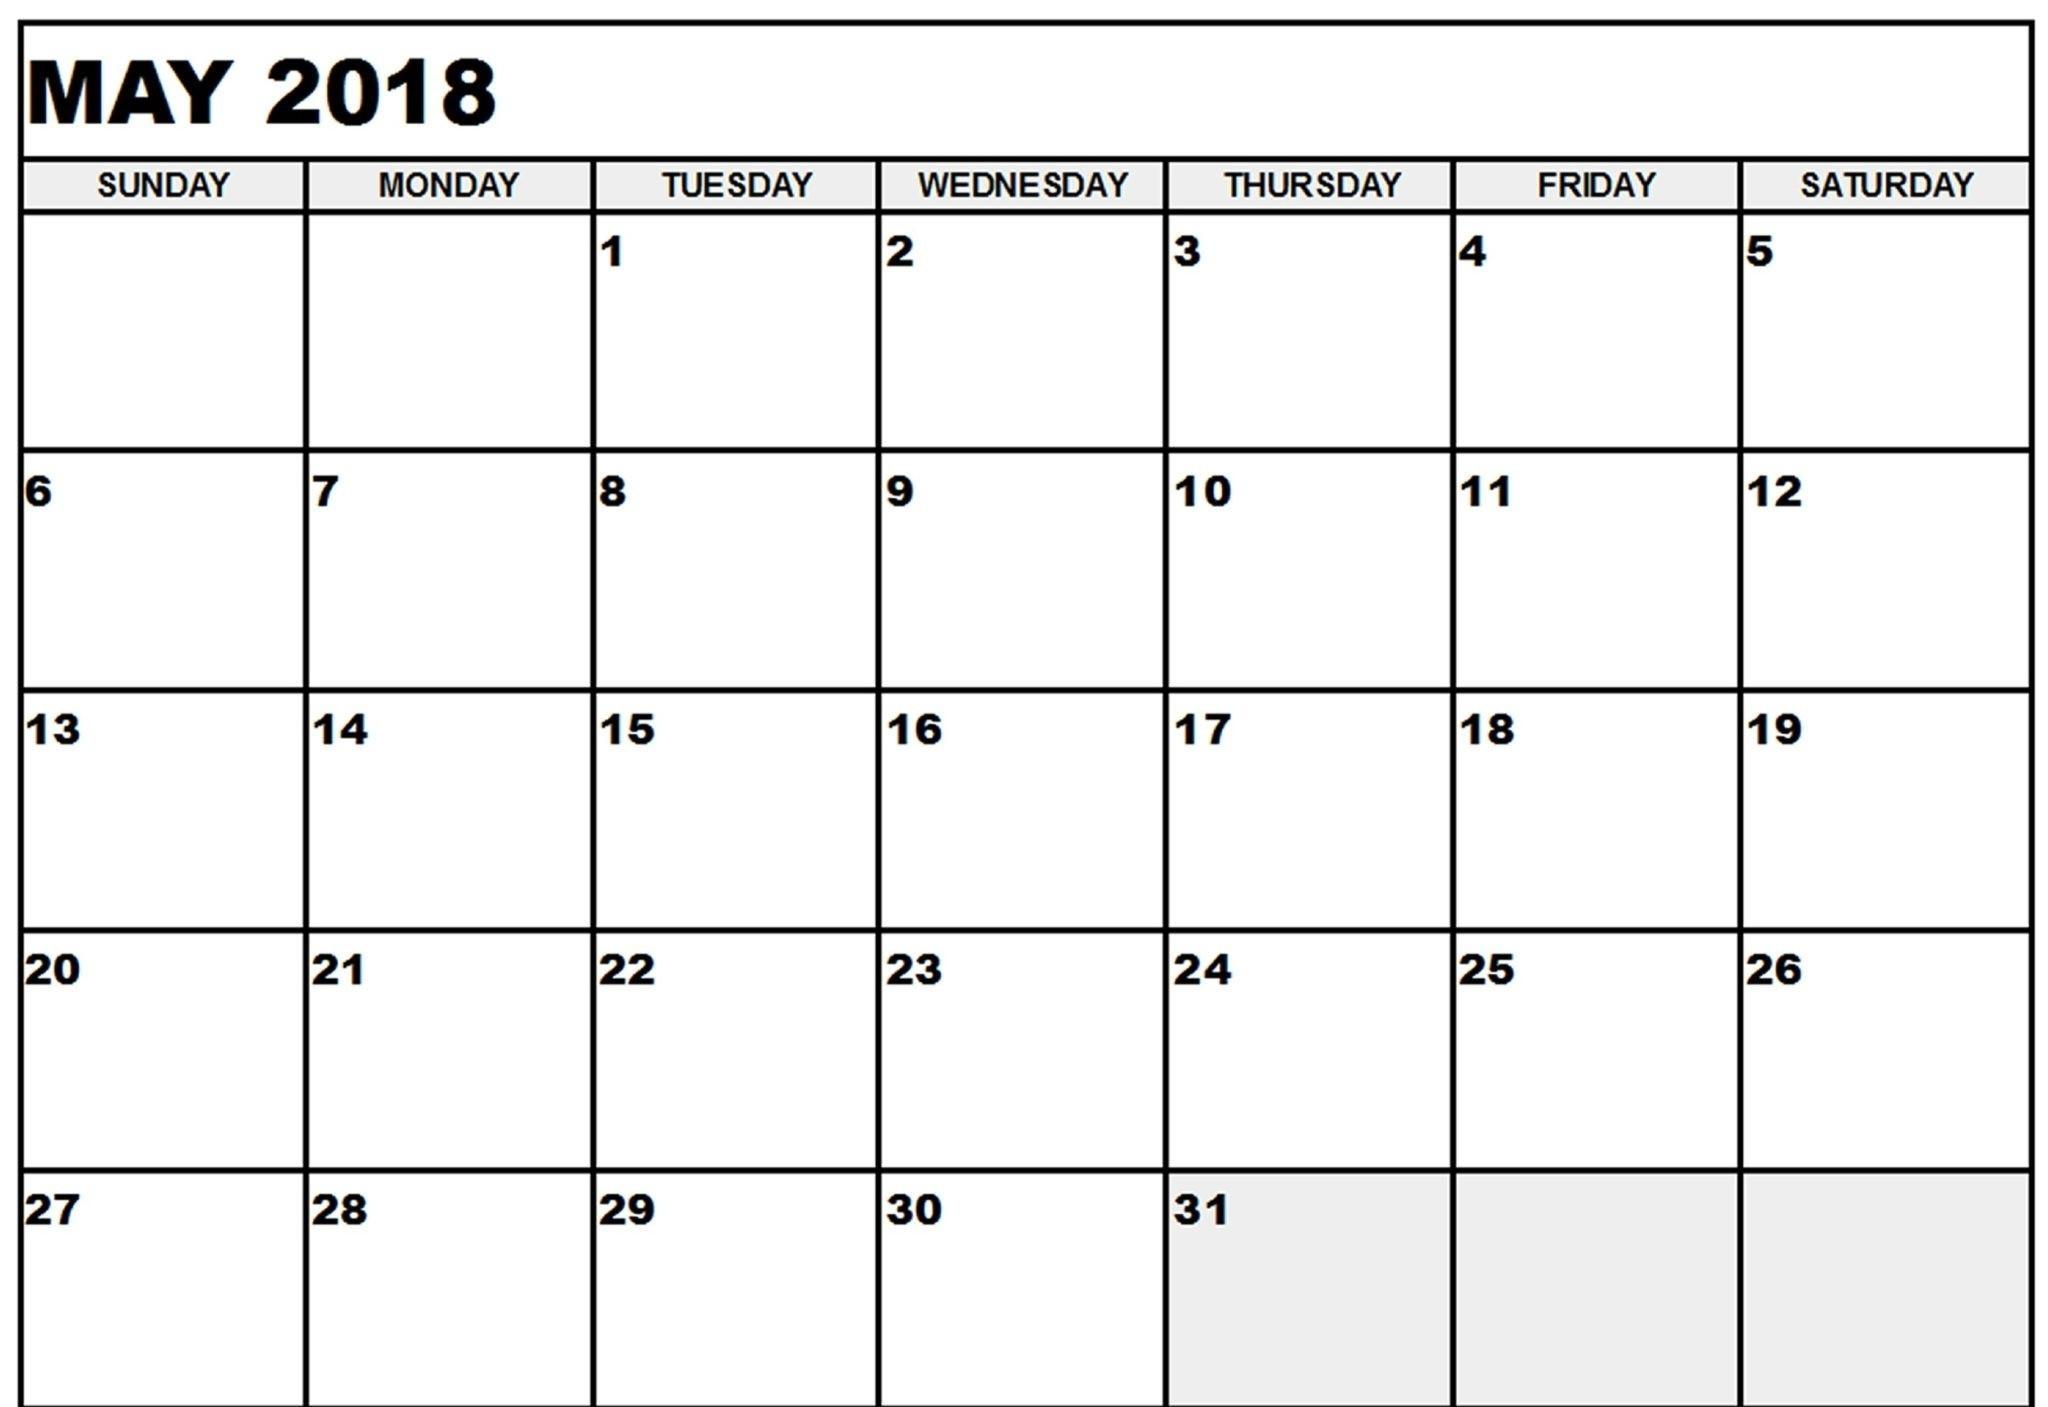 Julian Date Calendar For Non Leap Year - Calendar